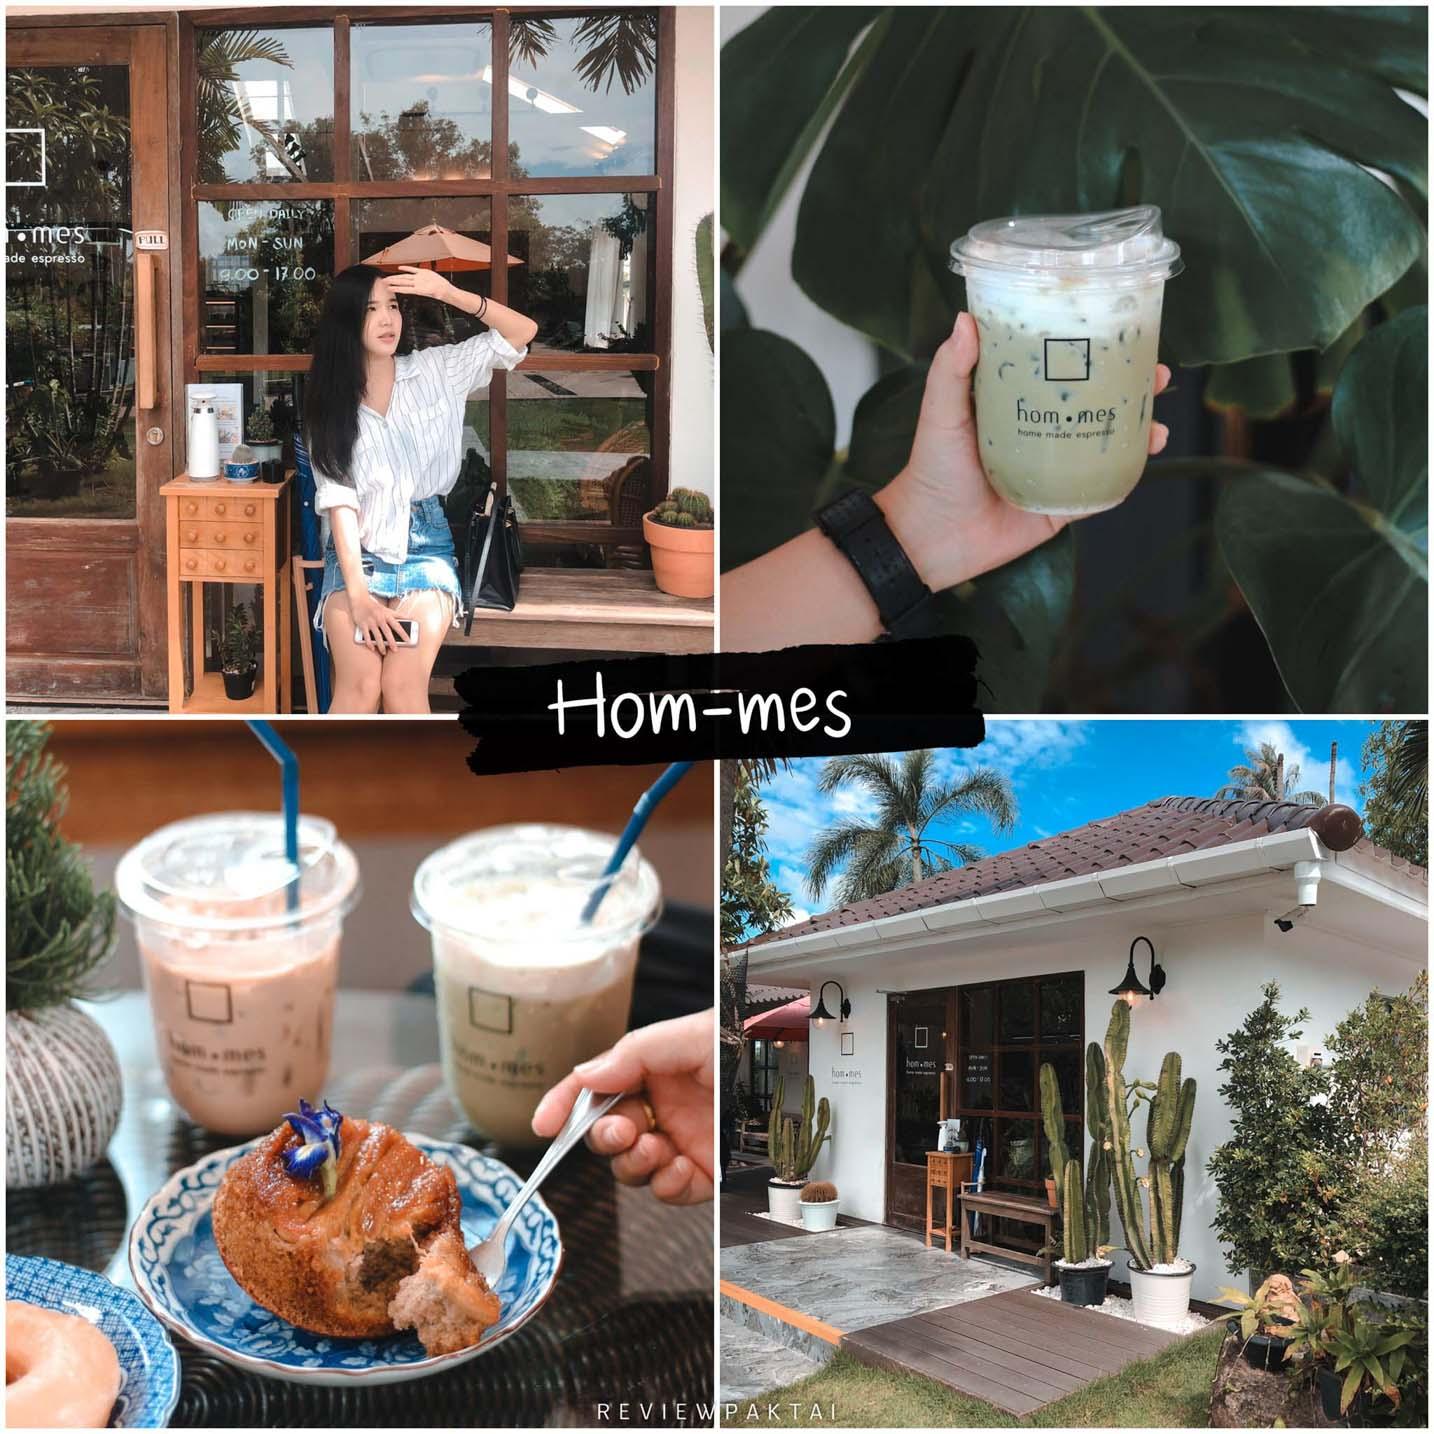 ร้านลับแต่ไม่ลับในภูเก็ต hommes (hommes) home made espresso by good cafe เค้กอร่อย กาแฟดี ราคาไม่แพงพลาดไม่ได้แล้ว